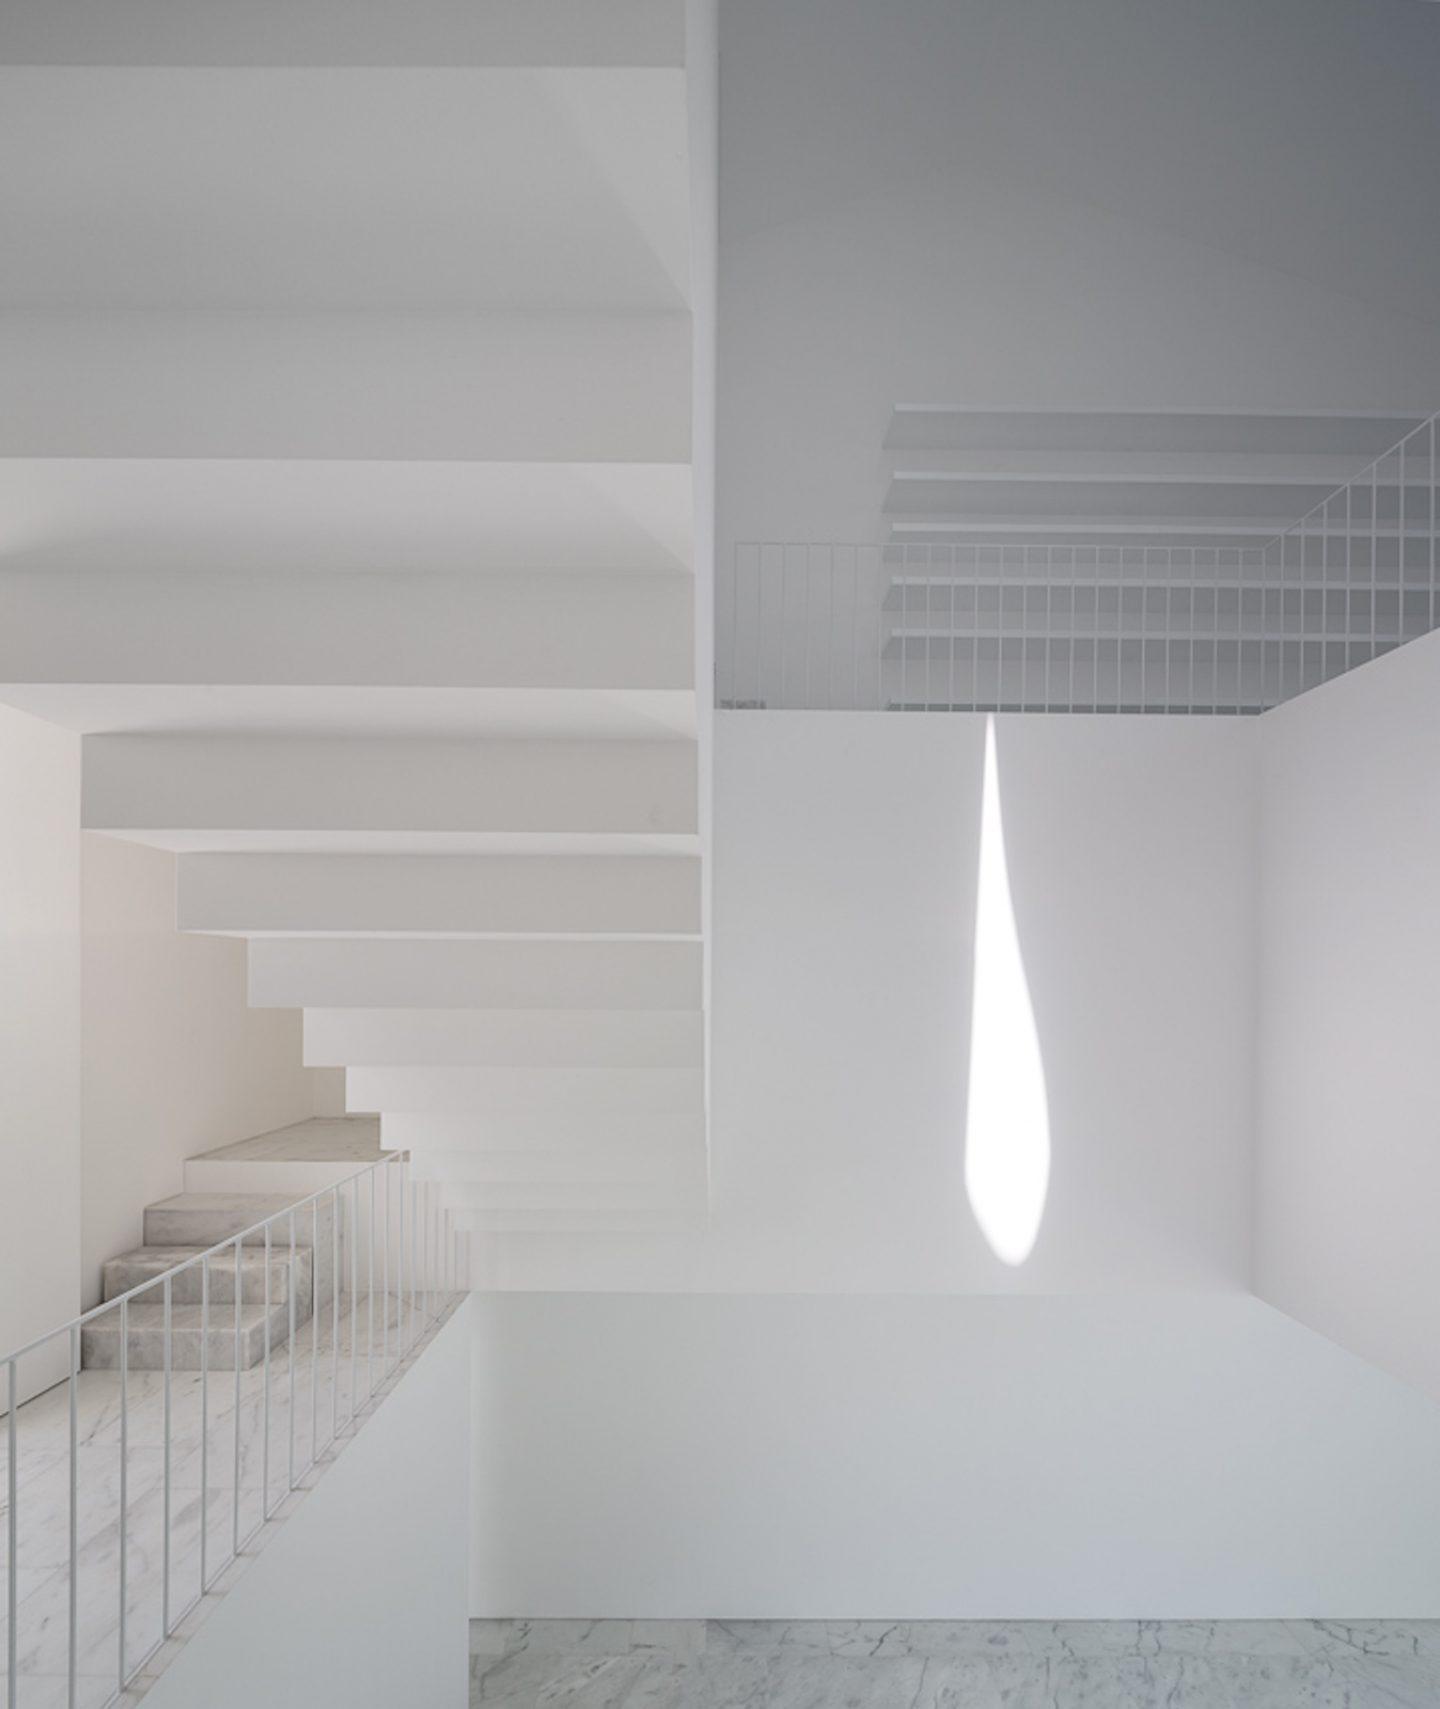 architecture_airesmateus_alcobaca_16